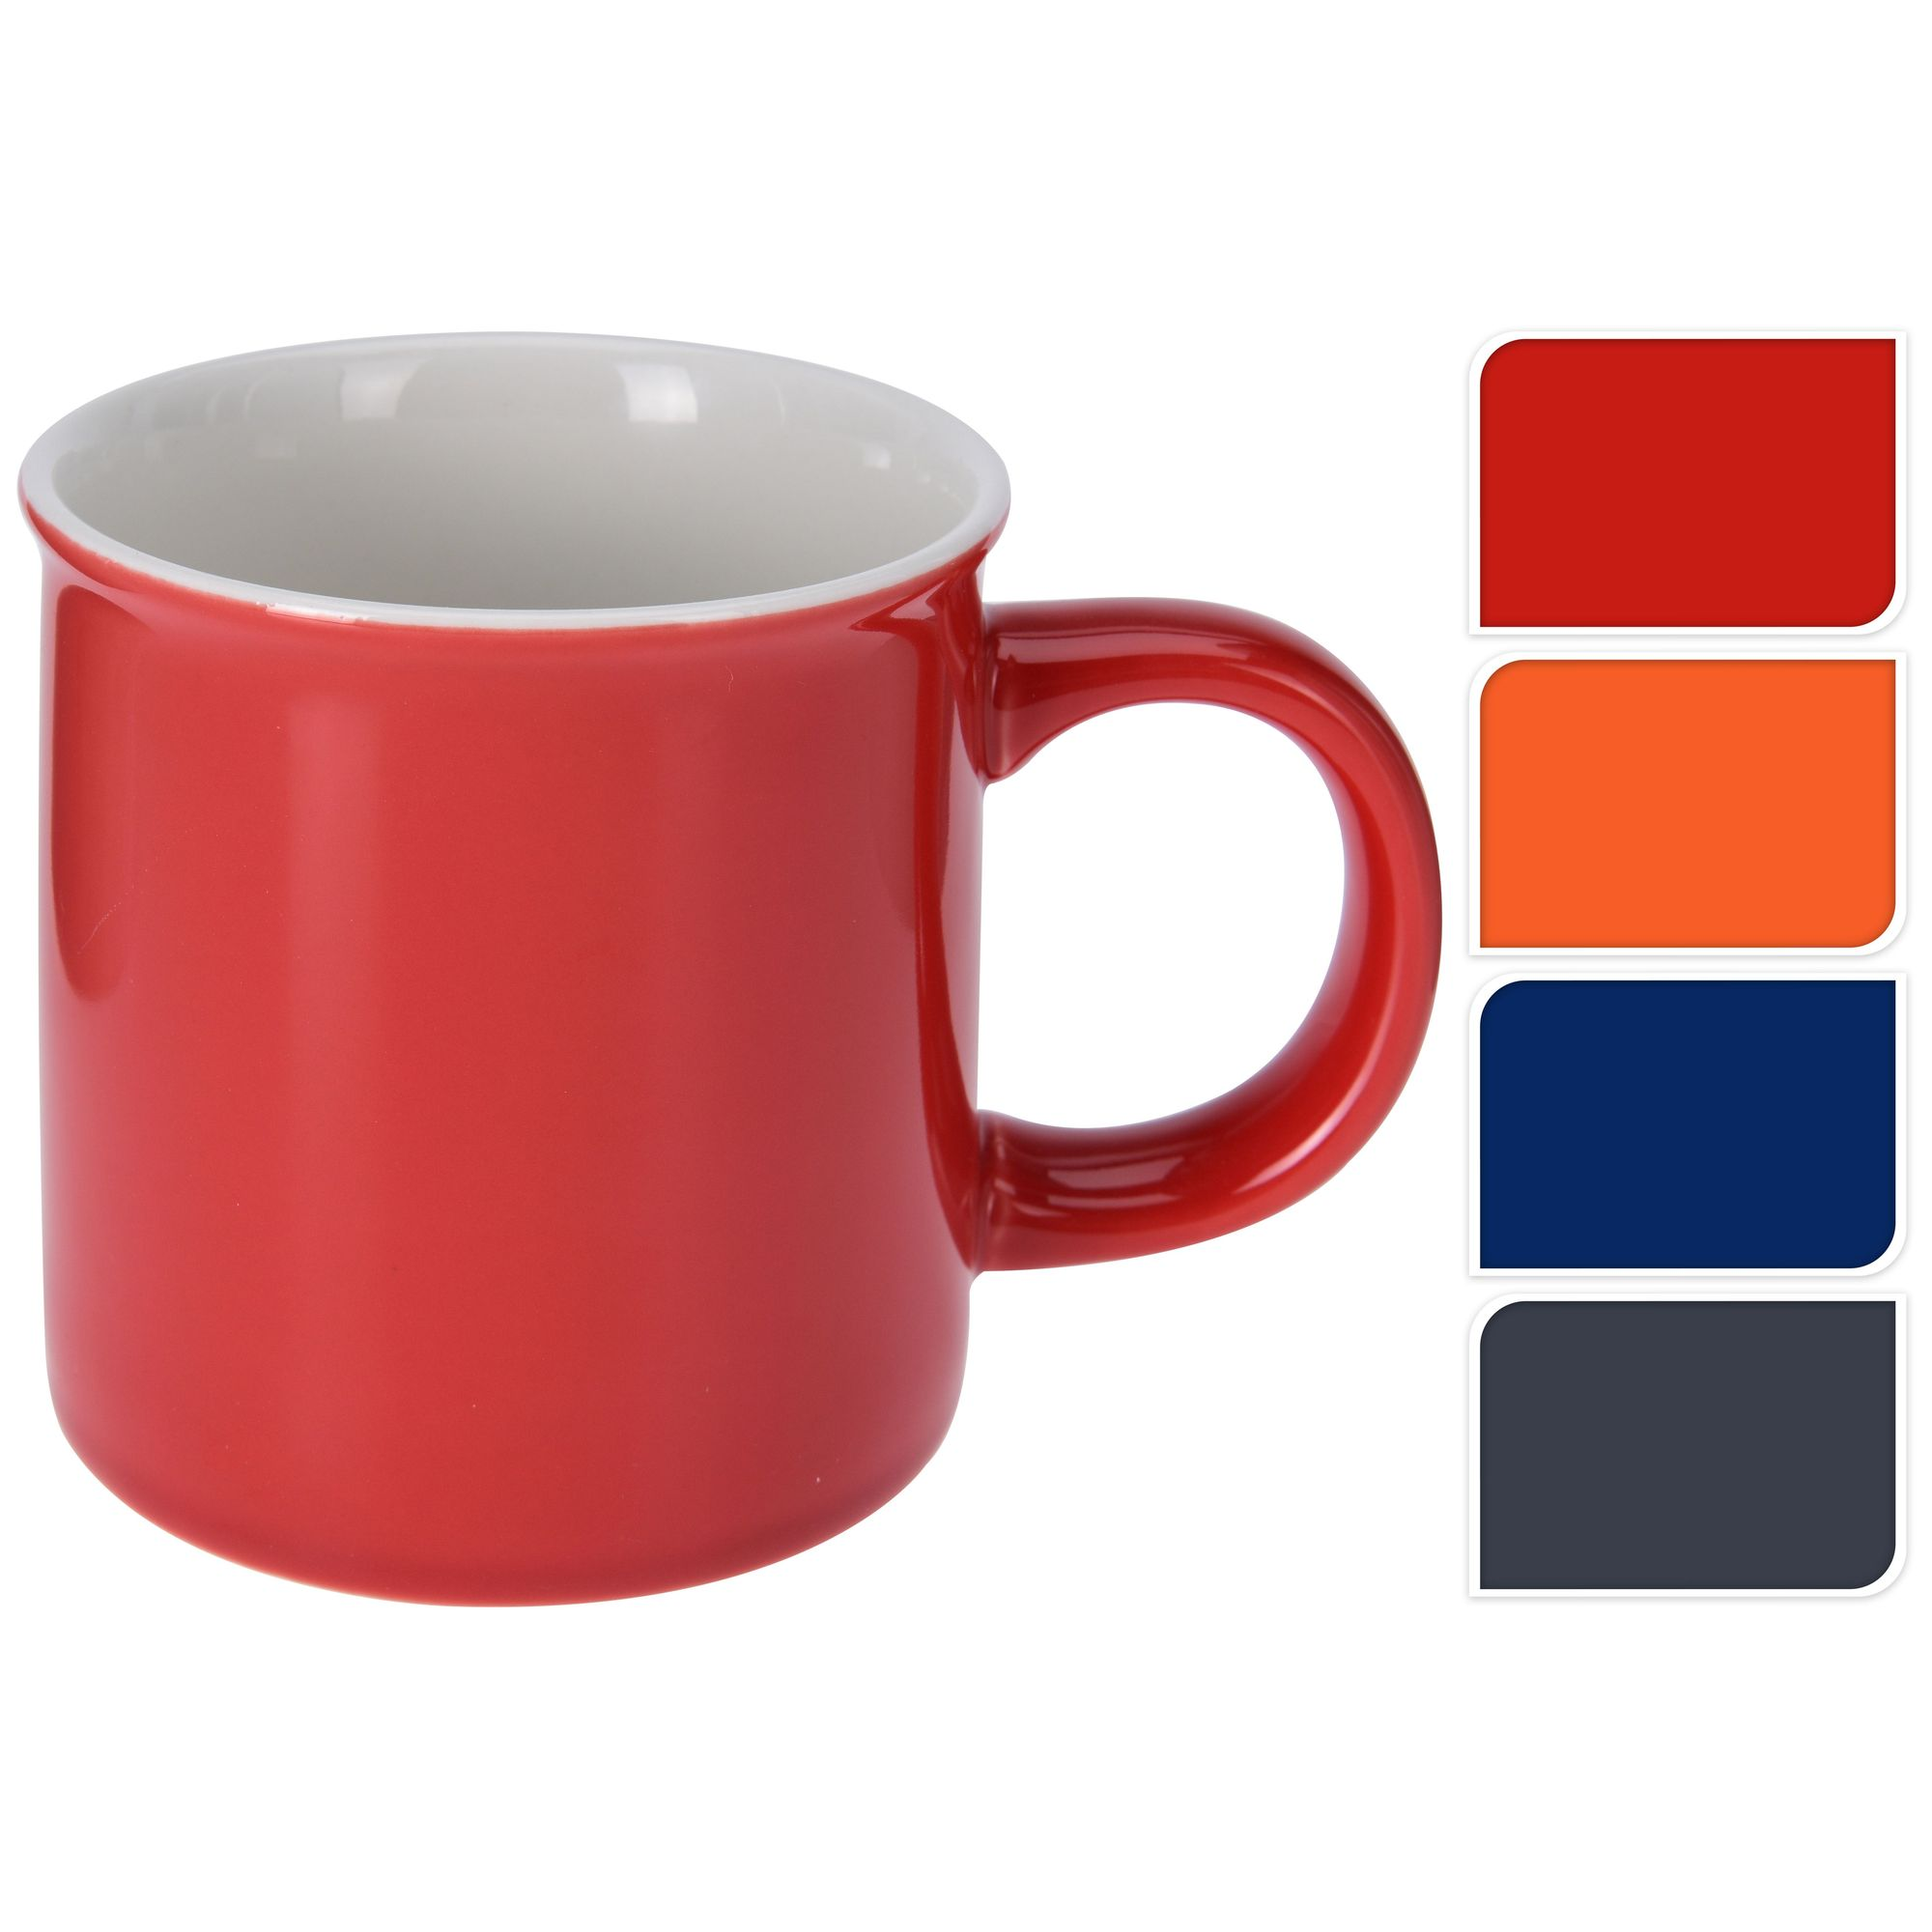 Кружка 8,5*8,5 см однотонная в ассортиментеКружка – любимый всеми аксессуар, который присутствует в каждом доме. Однотонное изделие лишено каких-либо дополнительных вычурных элементов декора. В этом его главное достоинство. Кружка будет идеально сочетаться с интерьером кухни любого стиля, все зависит от цветового решения. Белая внутренняя часть контрастирует с яркой наружной и смотрится эффектно. Диаметр верхней и нижней части одинаков, что придает кружке сходство с цилиндром. Классическое изделие характеризуется удобством эксплуатации, имеет широкую удобную ручку и небольшой вес, так как изготовлено из фарфора.<br>